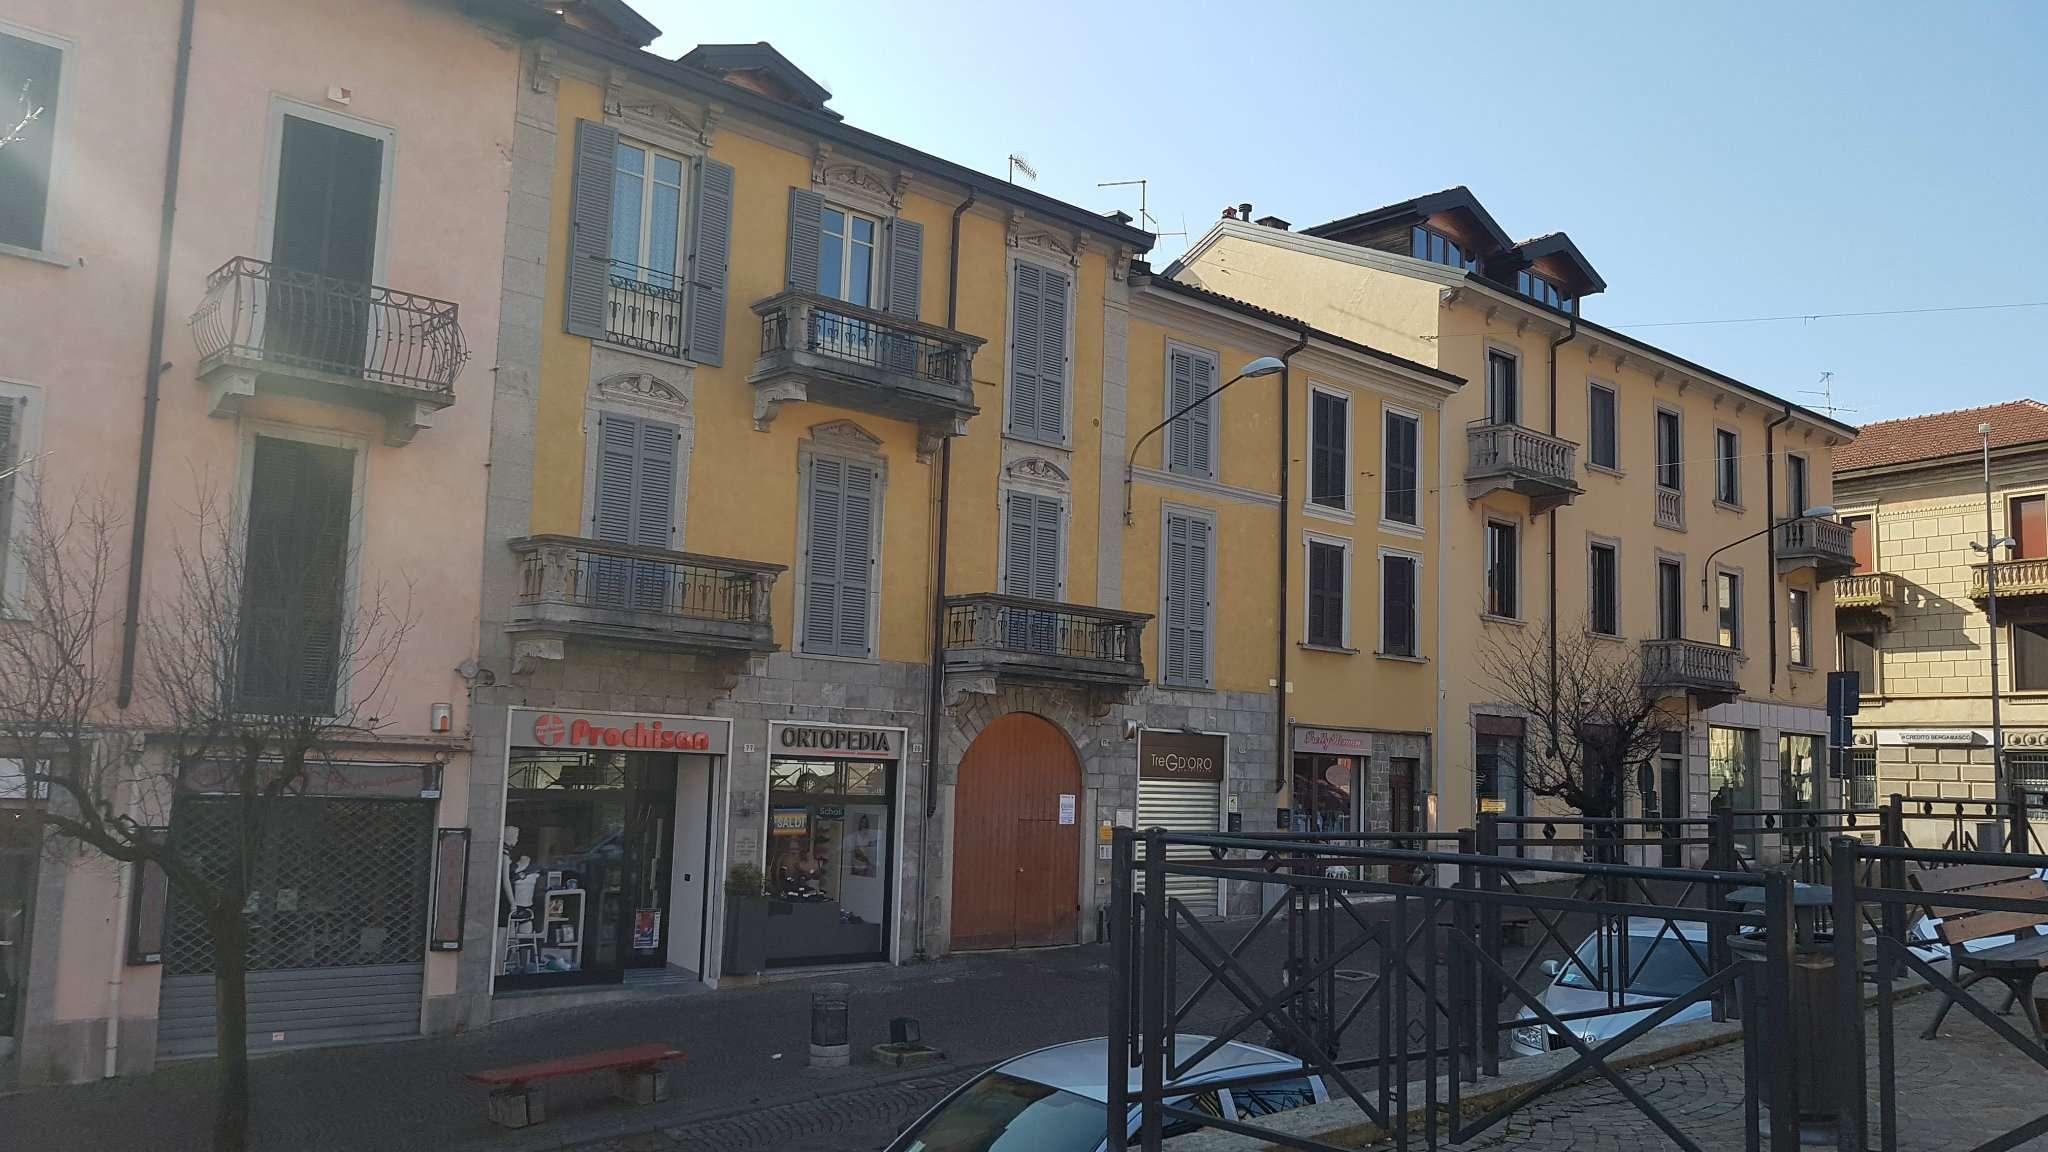 Ufficio / Studio in vendita a Gavirate, 3 locali, prezzo € 149.000 | PortaleAgenzieImmobiliari.it